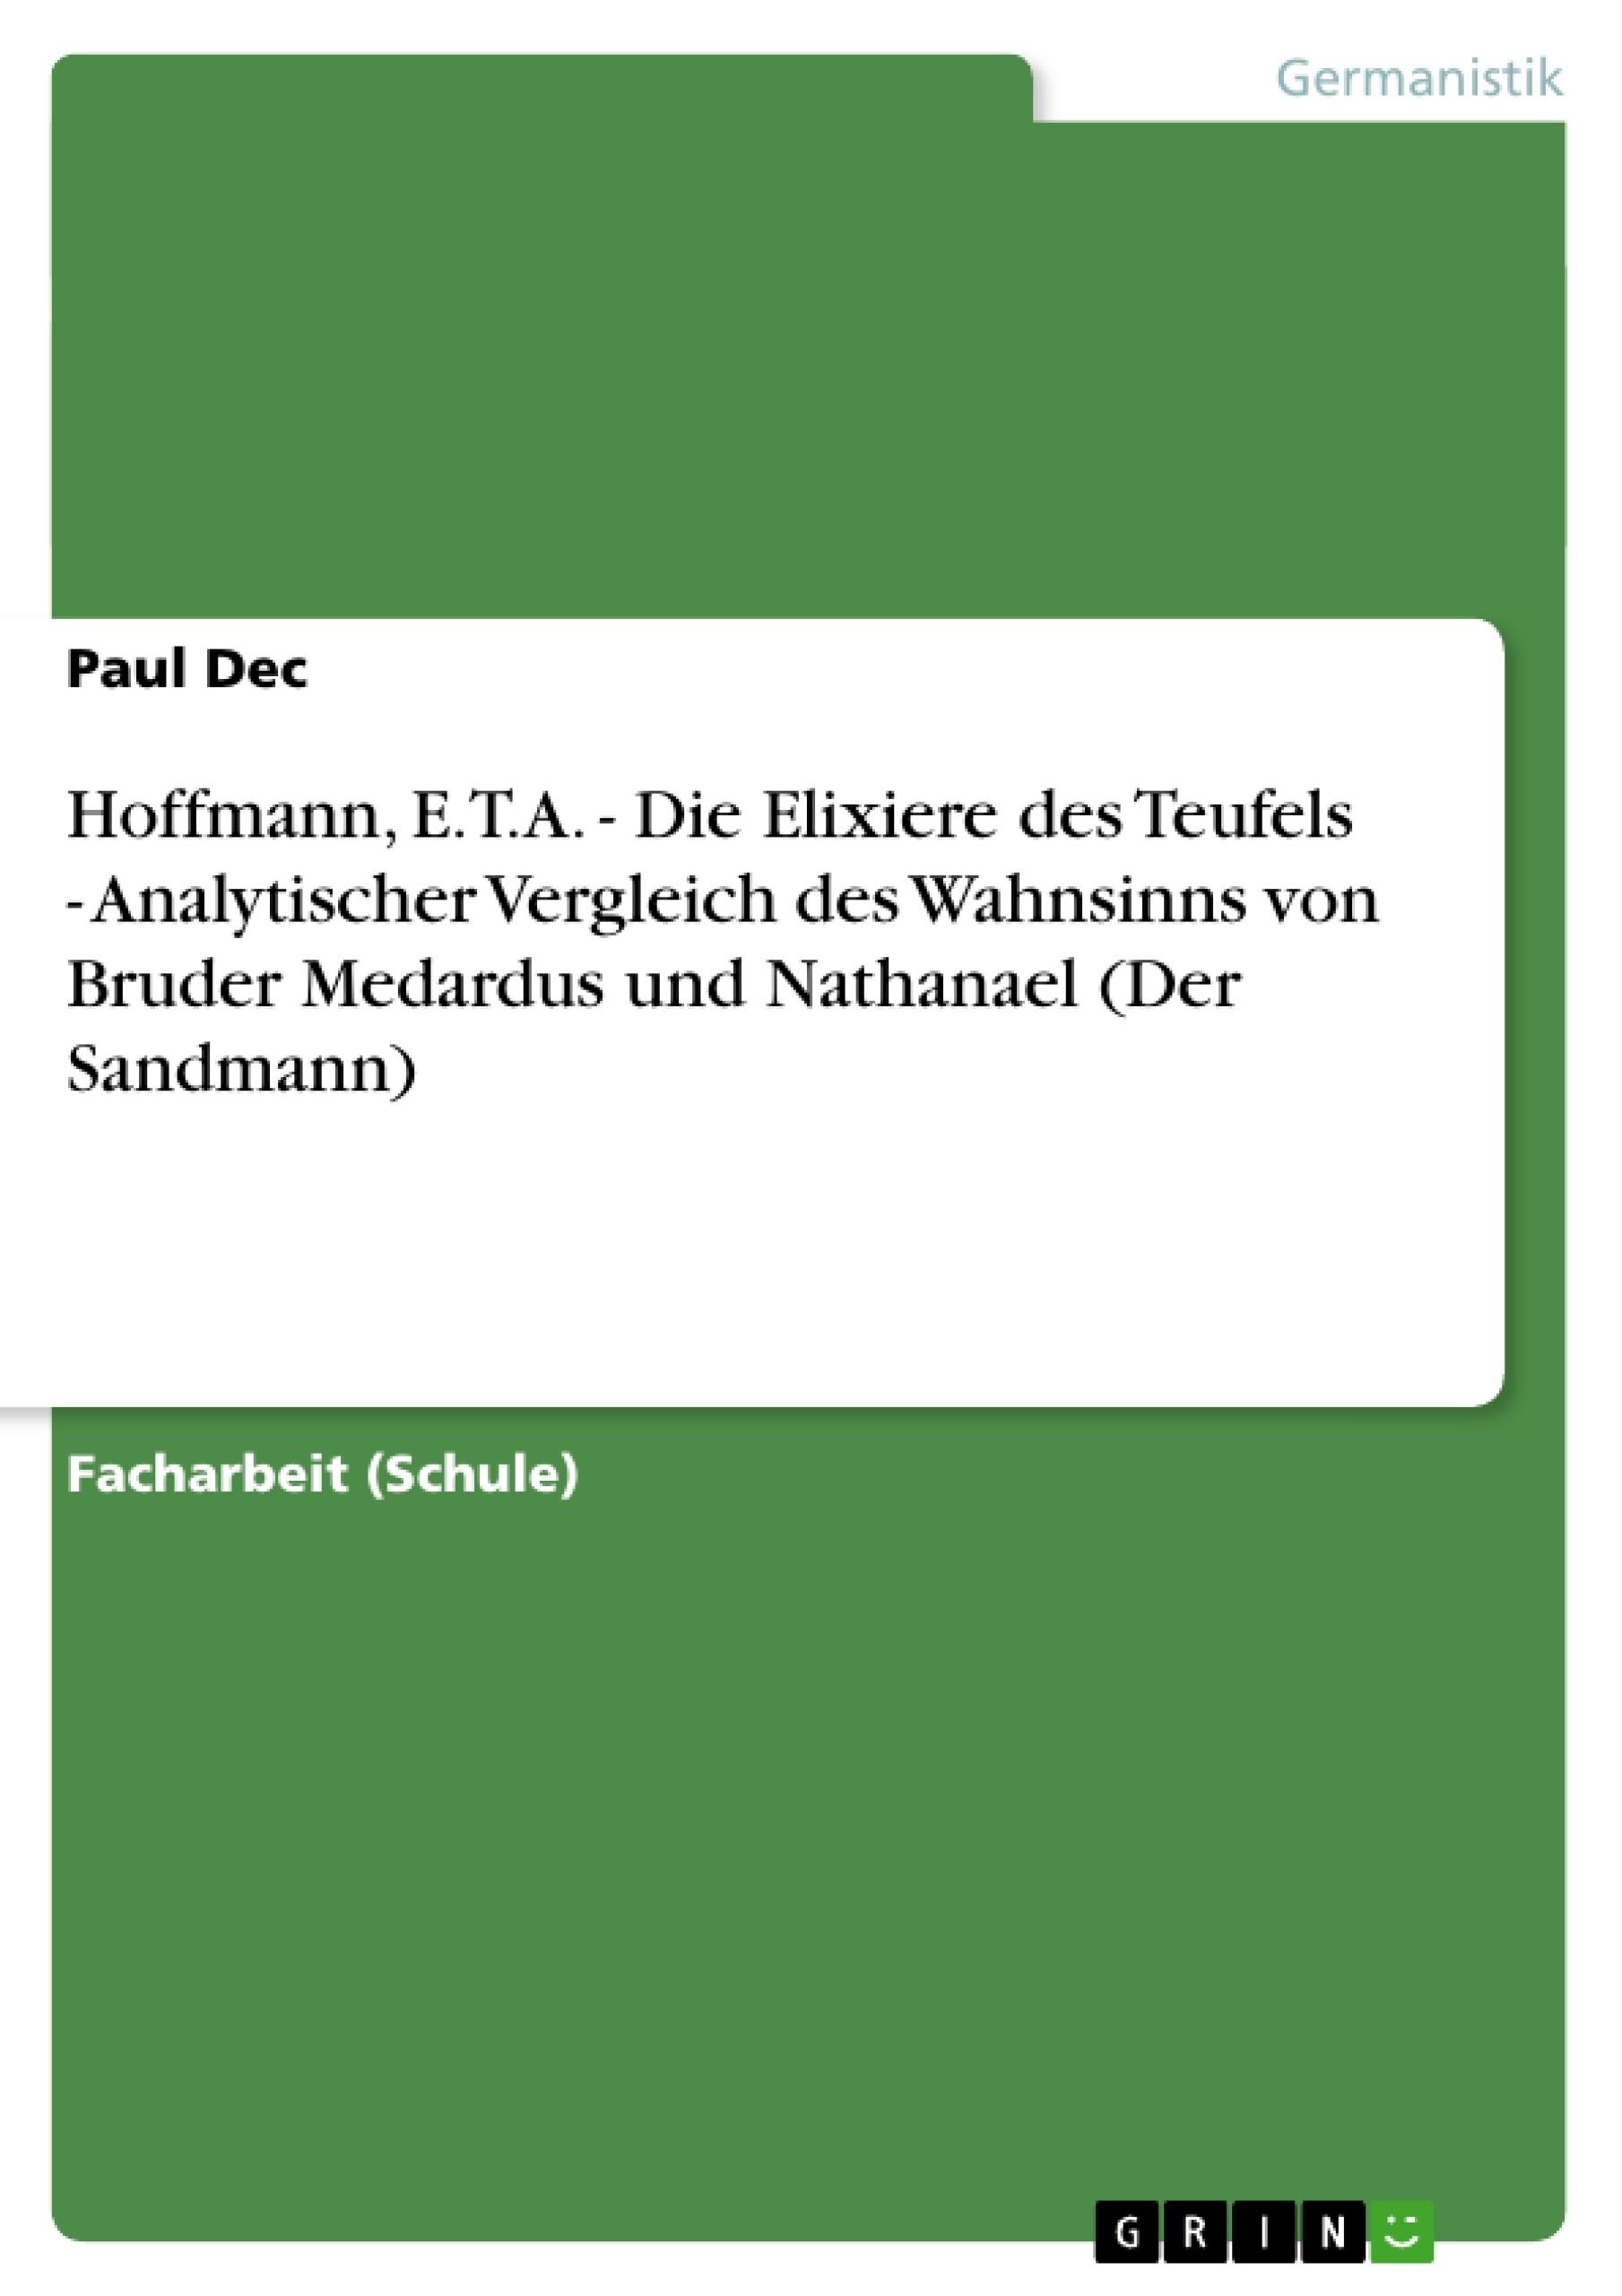 Titel: Hoffmann, E.T.A. - Die Elixiere des Teufels - Analytischer Vergleich des Wahnsinns von Bruder Medardus und Nathanael (Der Sandmann)